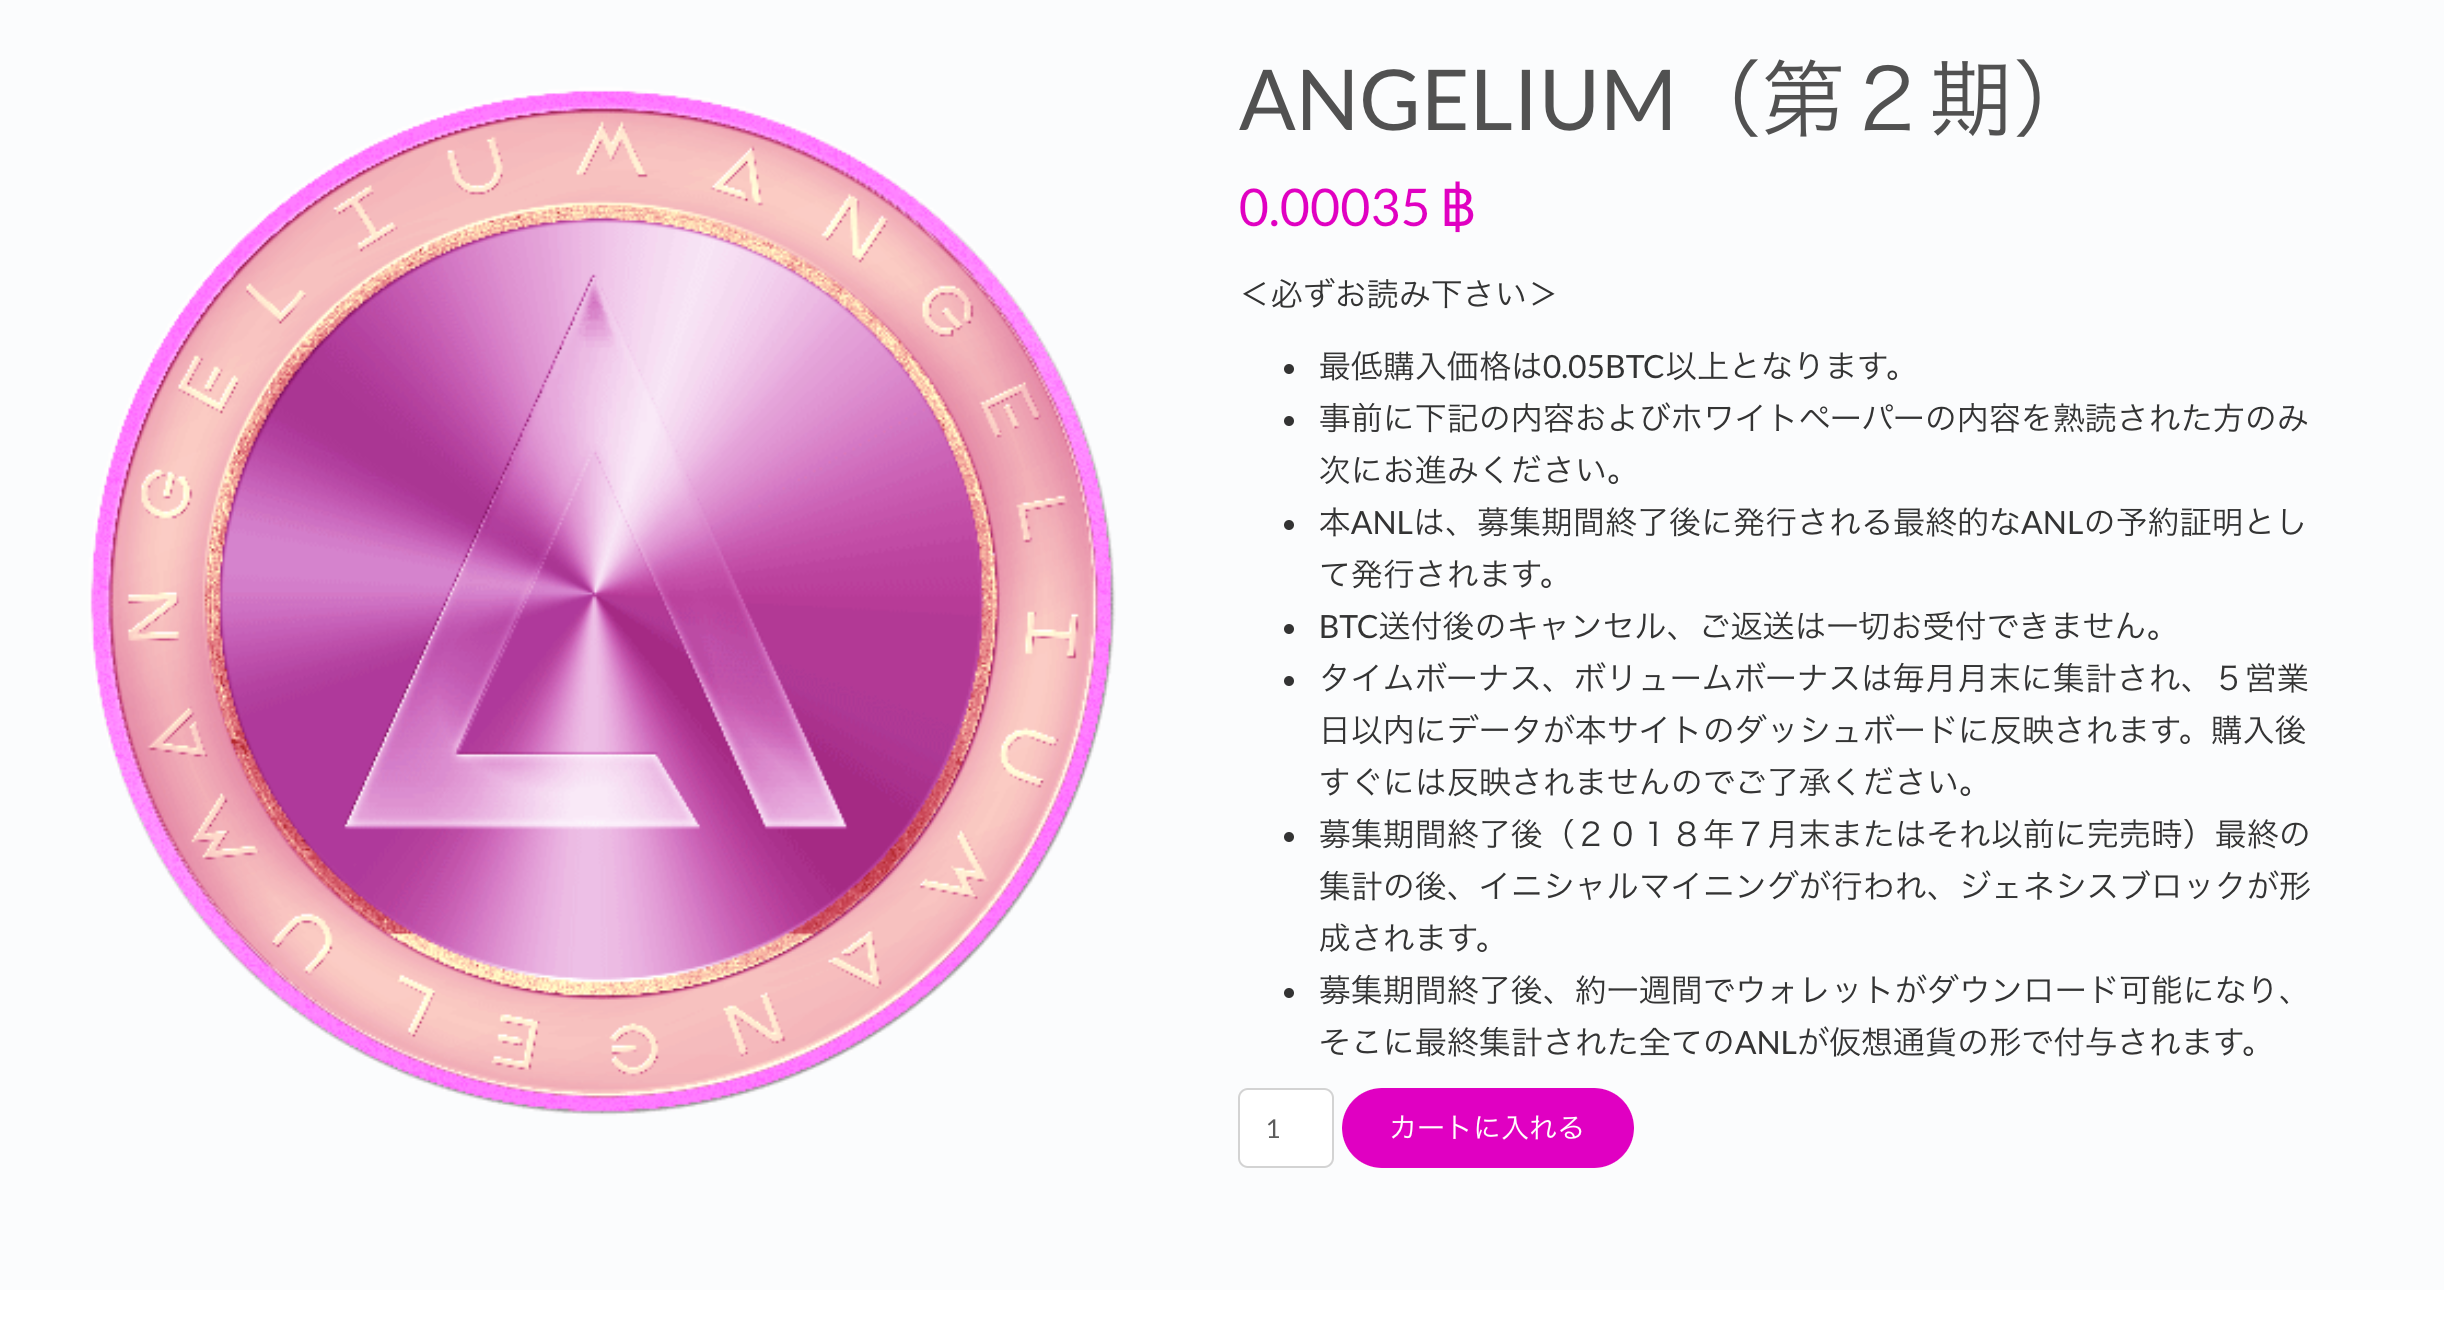 Angelium(エンジェリウム) ICO 購入方法